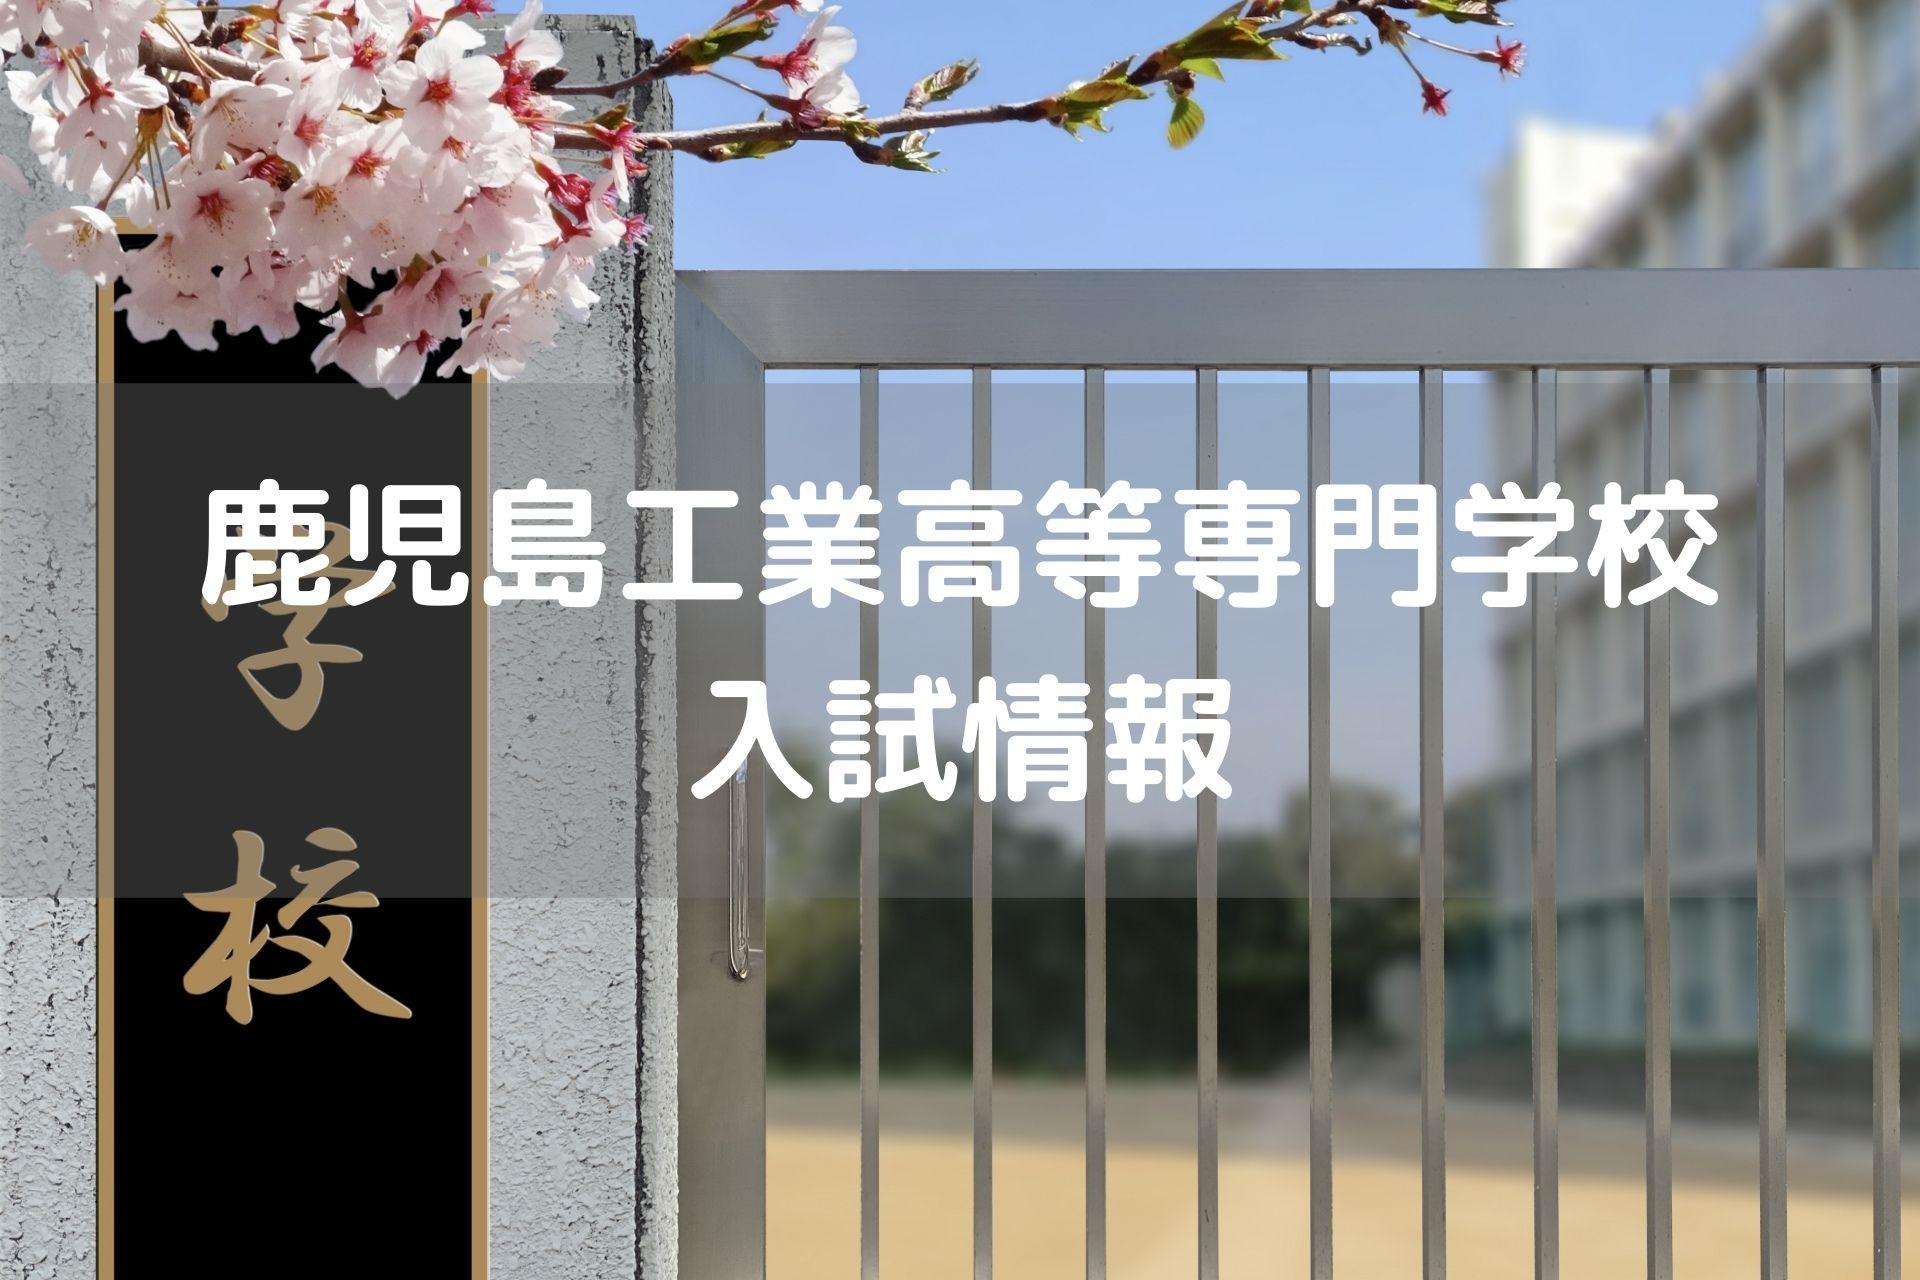 鹿児島高専の入試情報